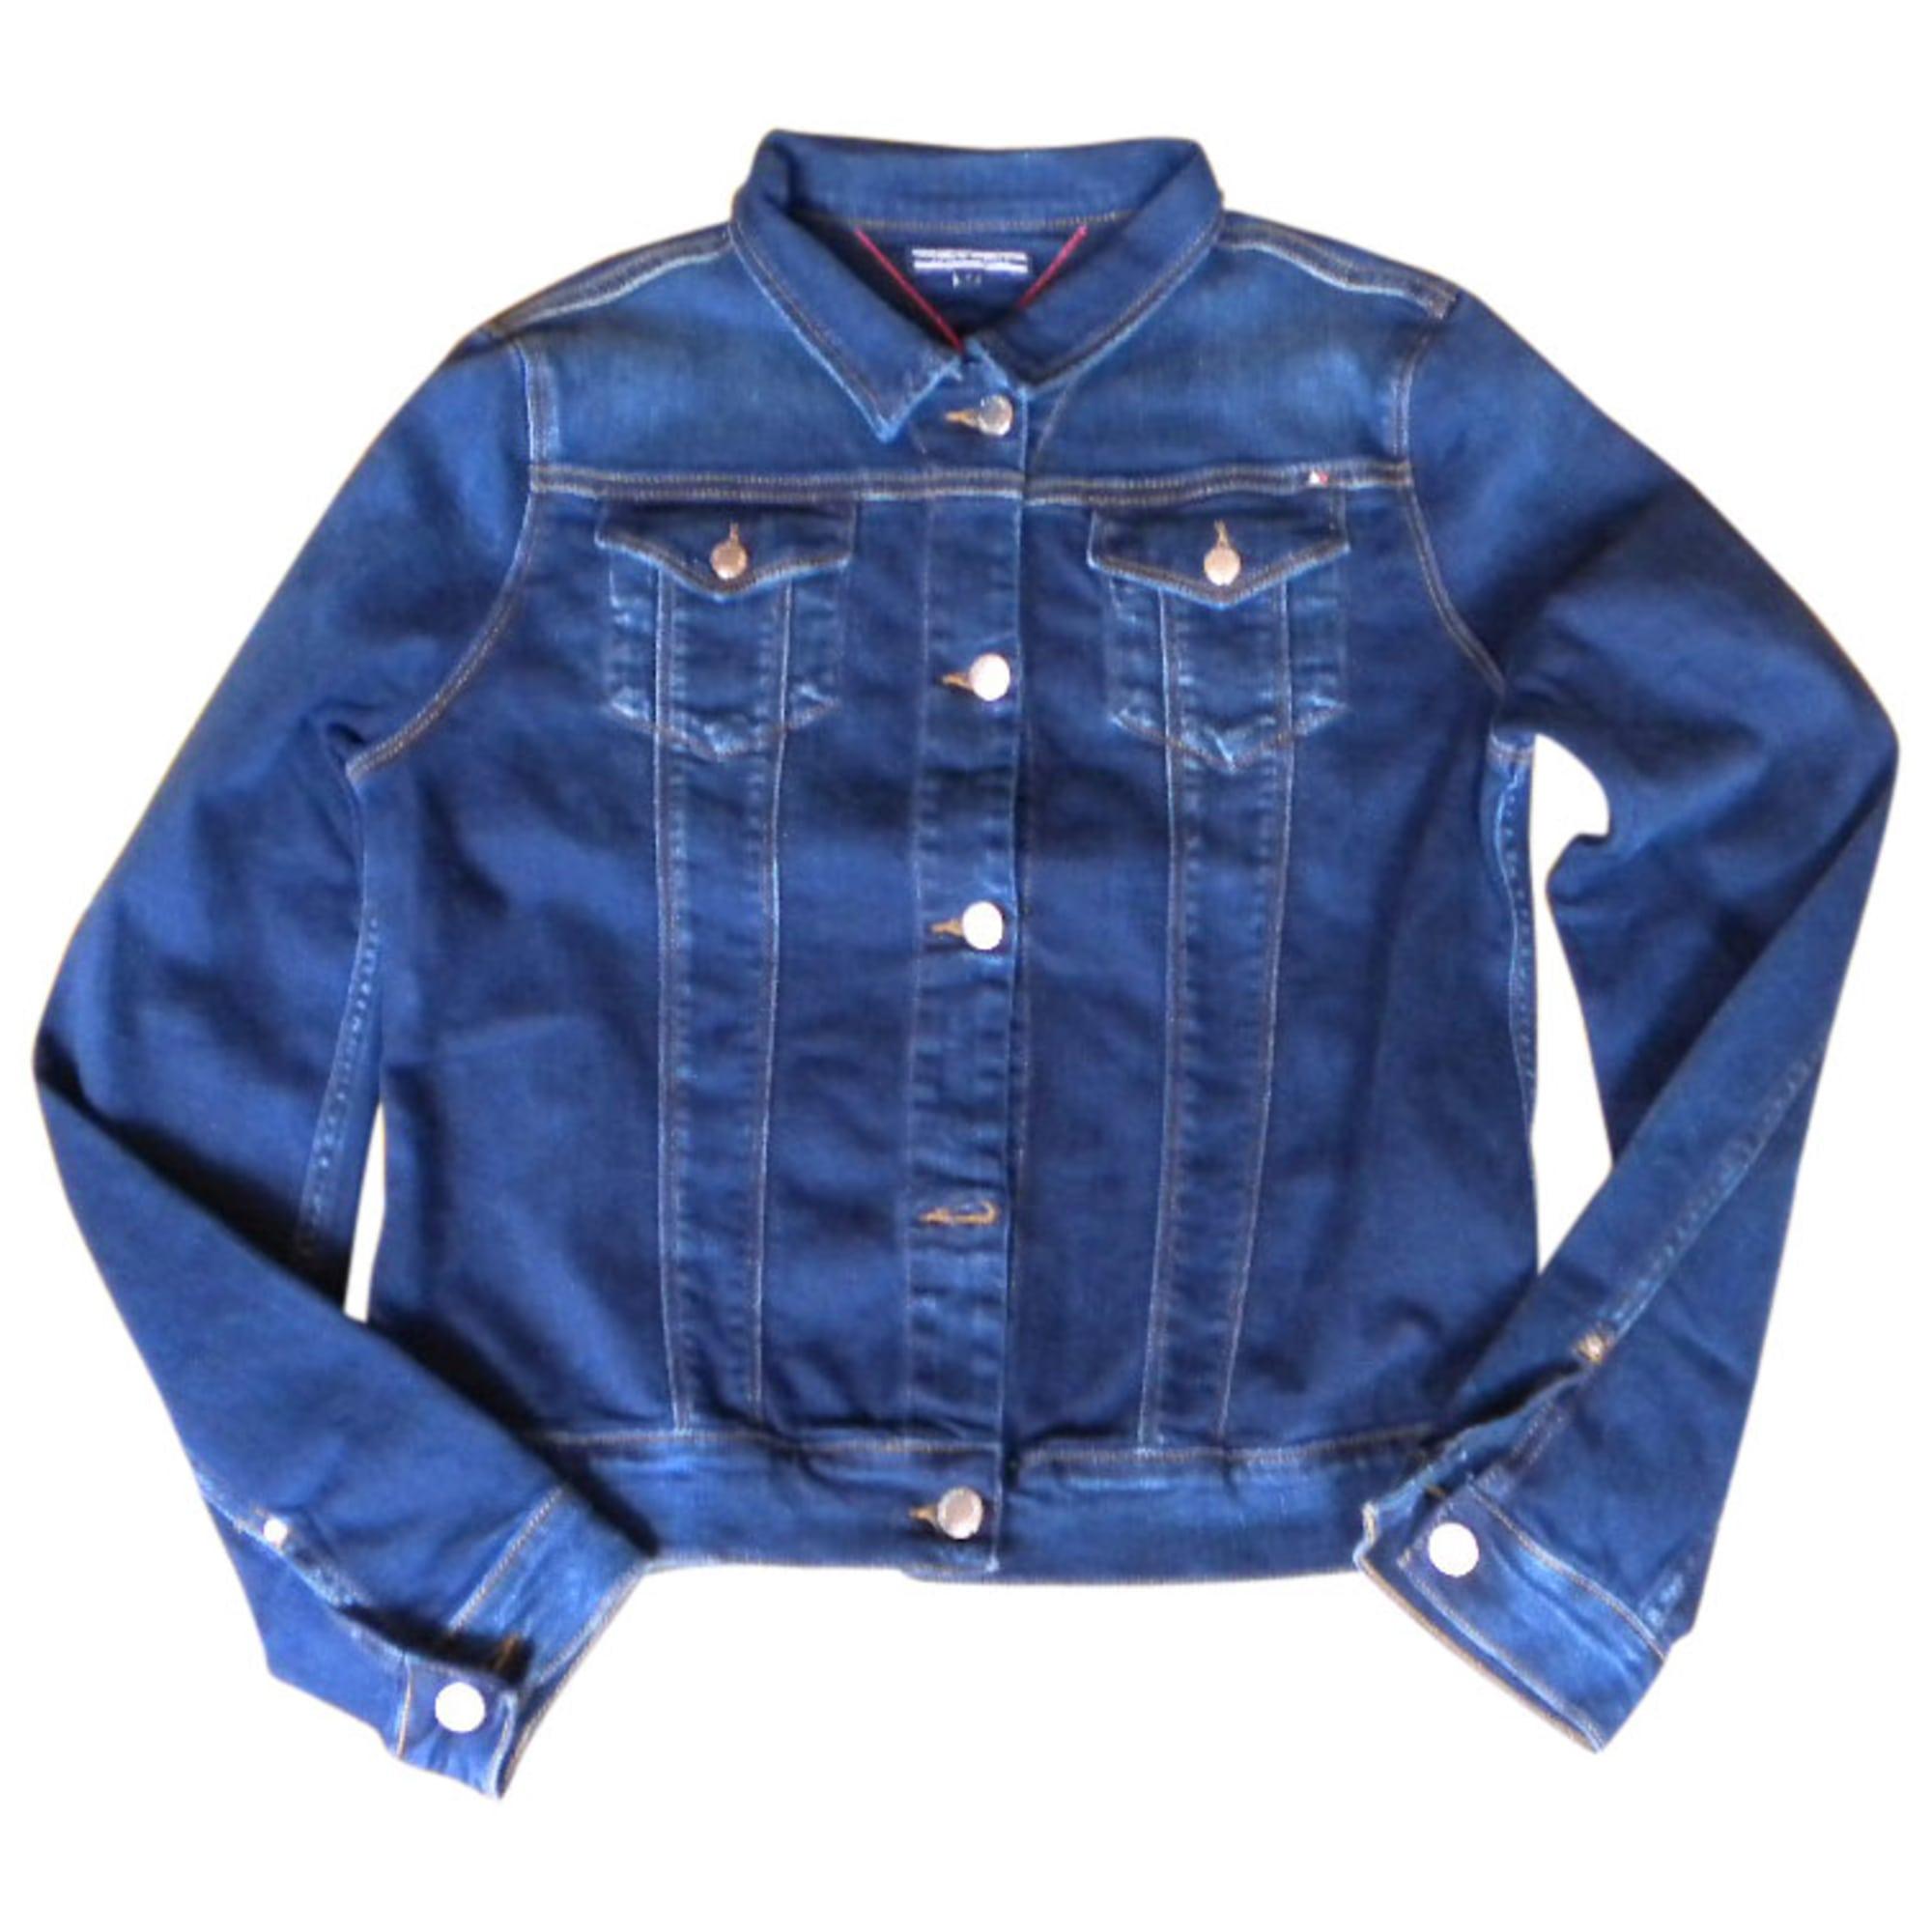 moderne et élégant à la mode haut fonctionnaire prix attractif Blouson en jean